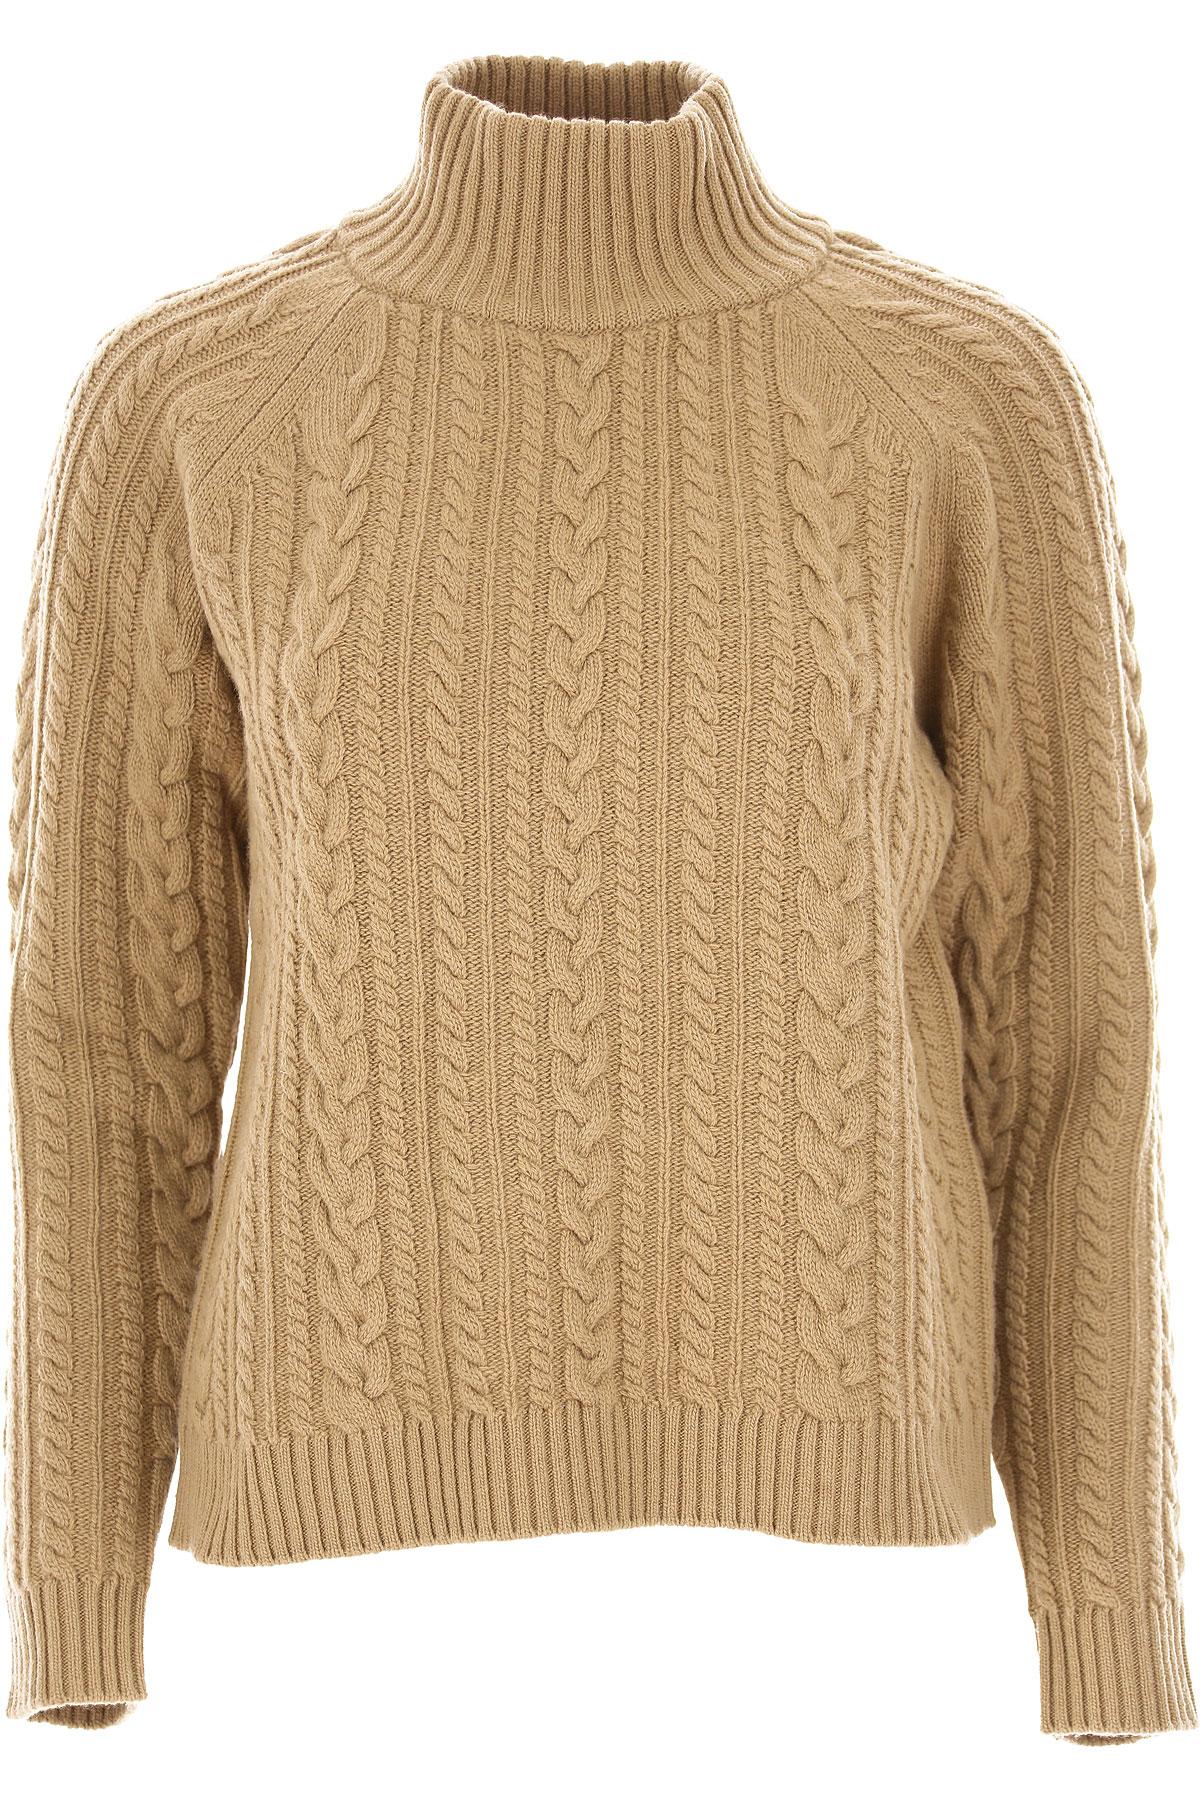 Image of Weekend by Max Mara Sweater for Women Jumper, Weekend Max Mara, Beige, Virgin wool, 2017, 4 6 8